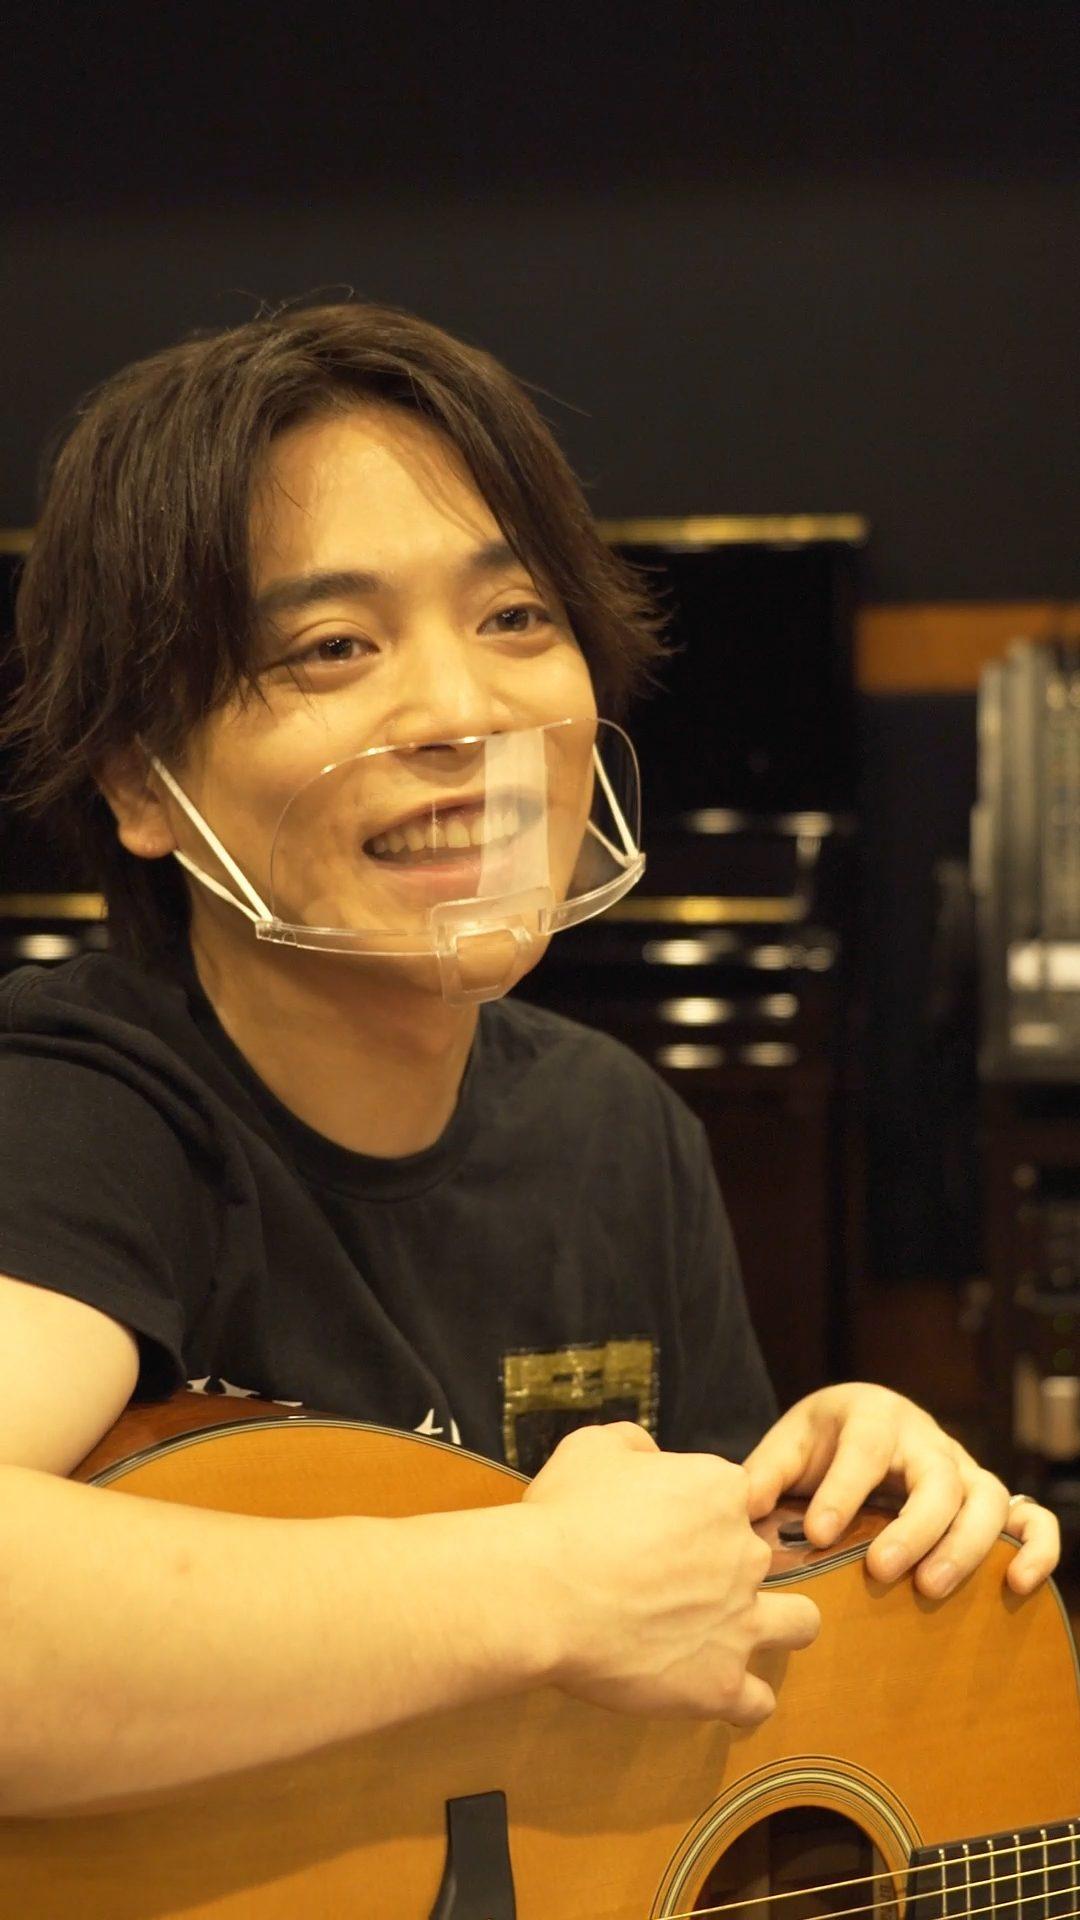 シンガーソングライター優里さん